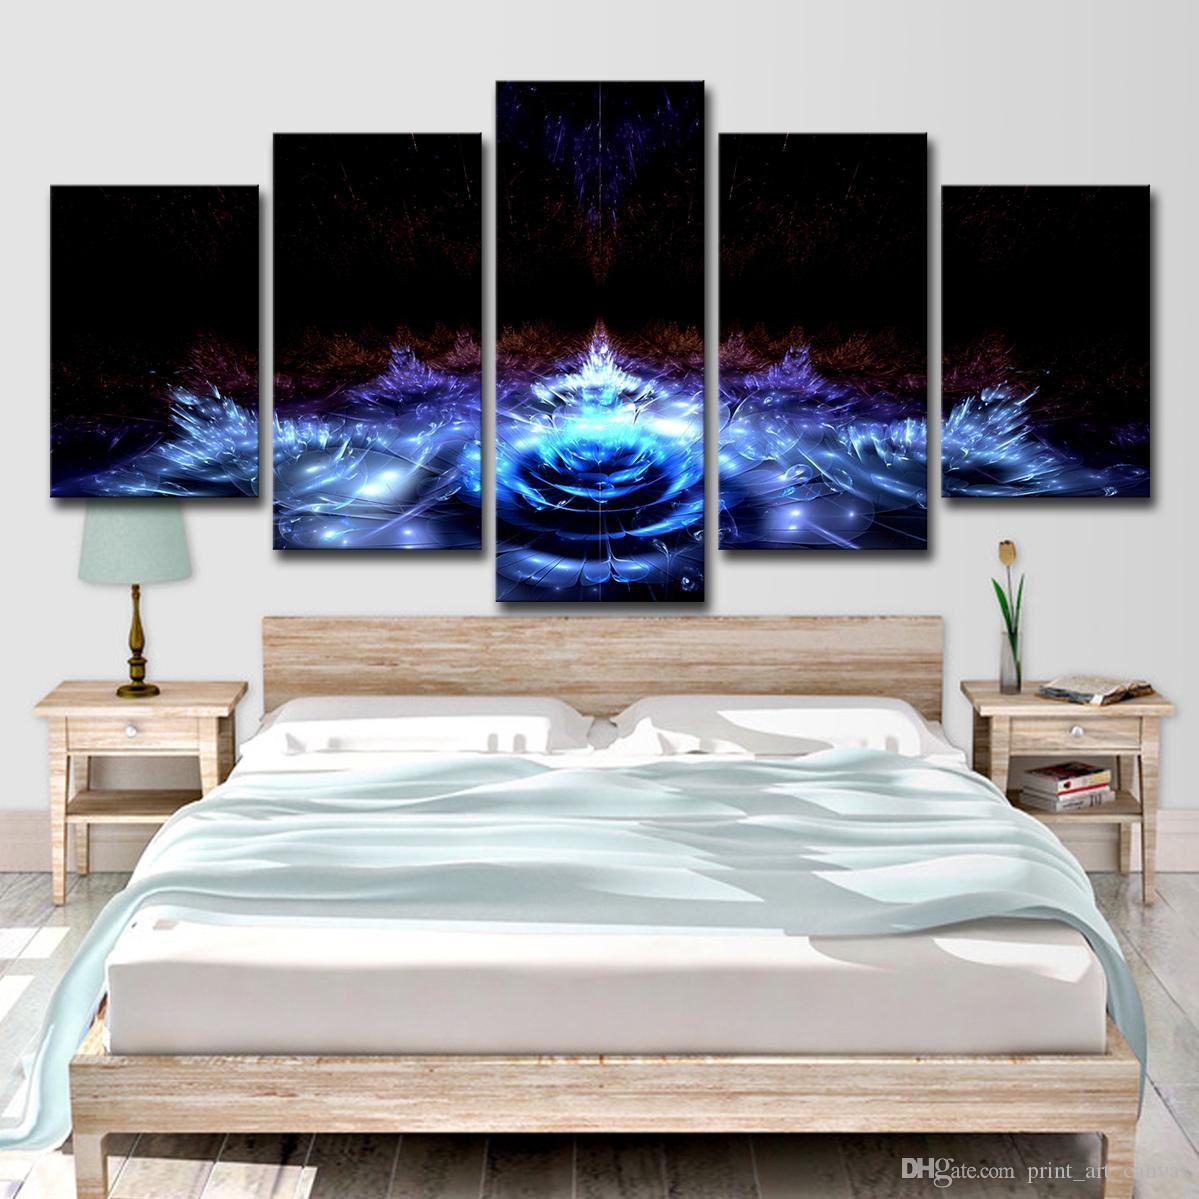 Toile Photos Décor À La Maison Mur Art 5 Pièces Bleu Water Lily Fleurs Peintures Salon HD Prints Abstrait Lotus Affiche